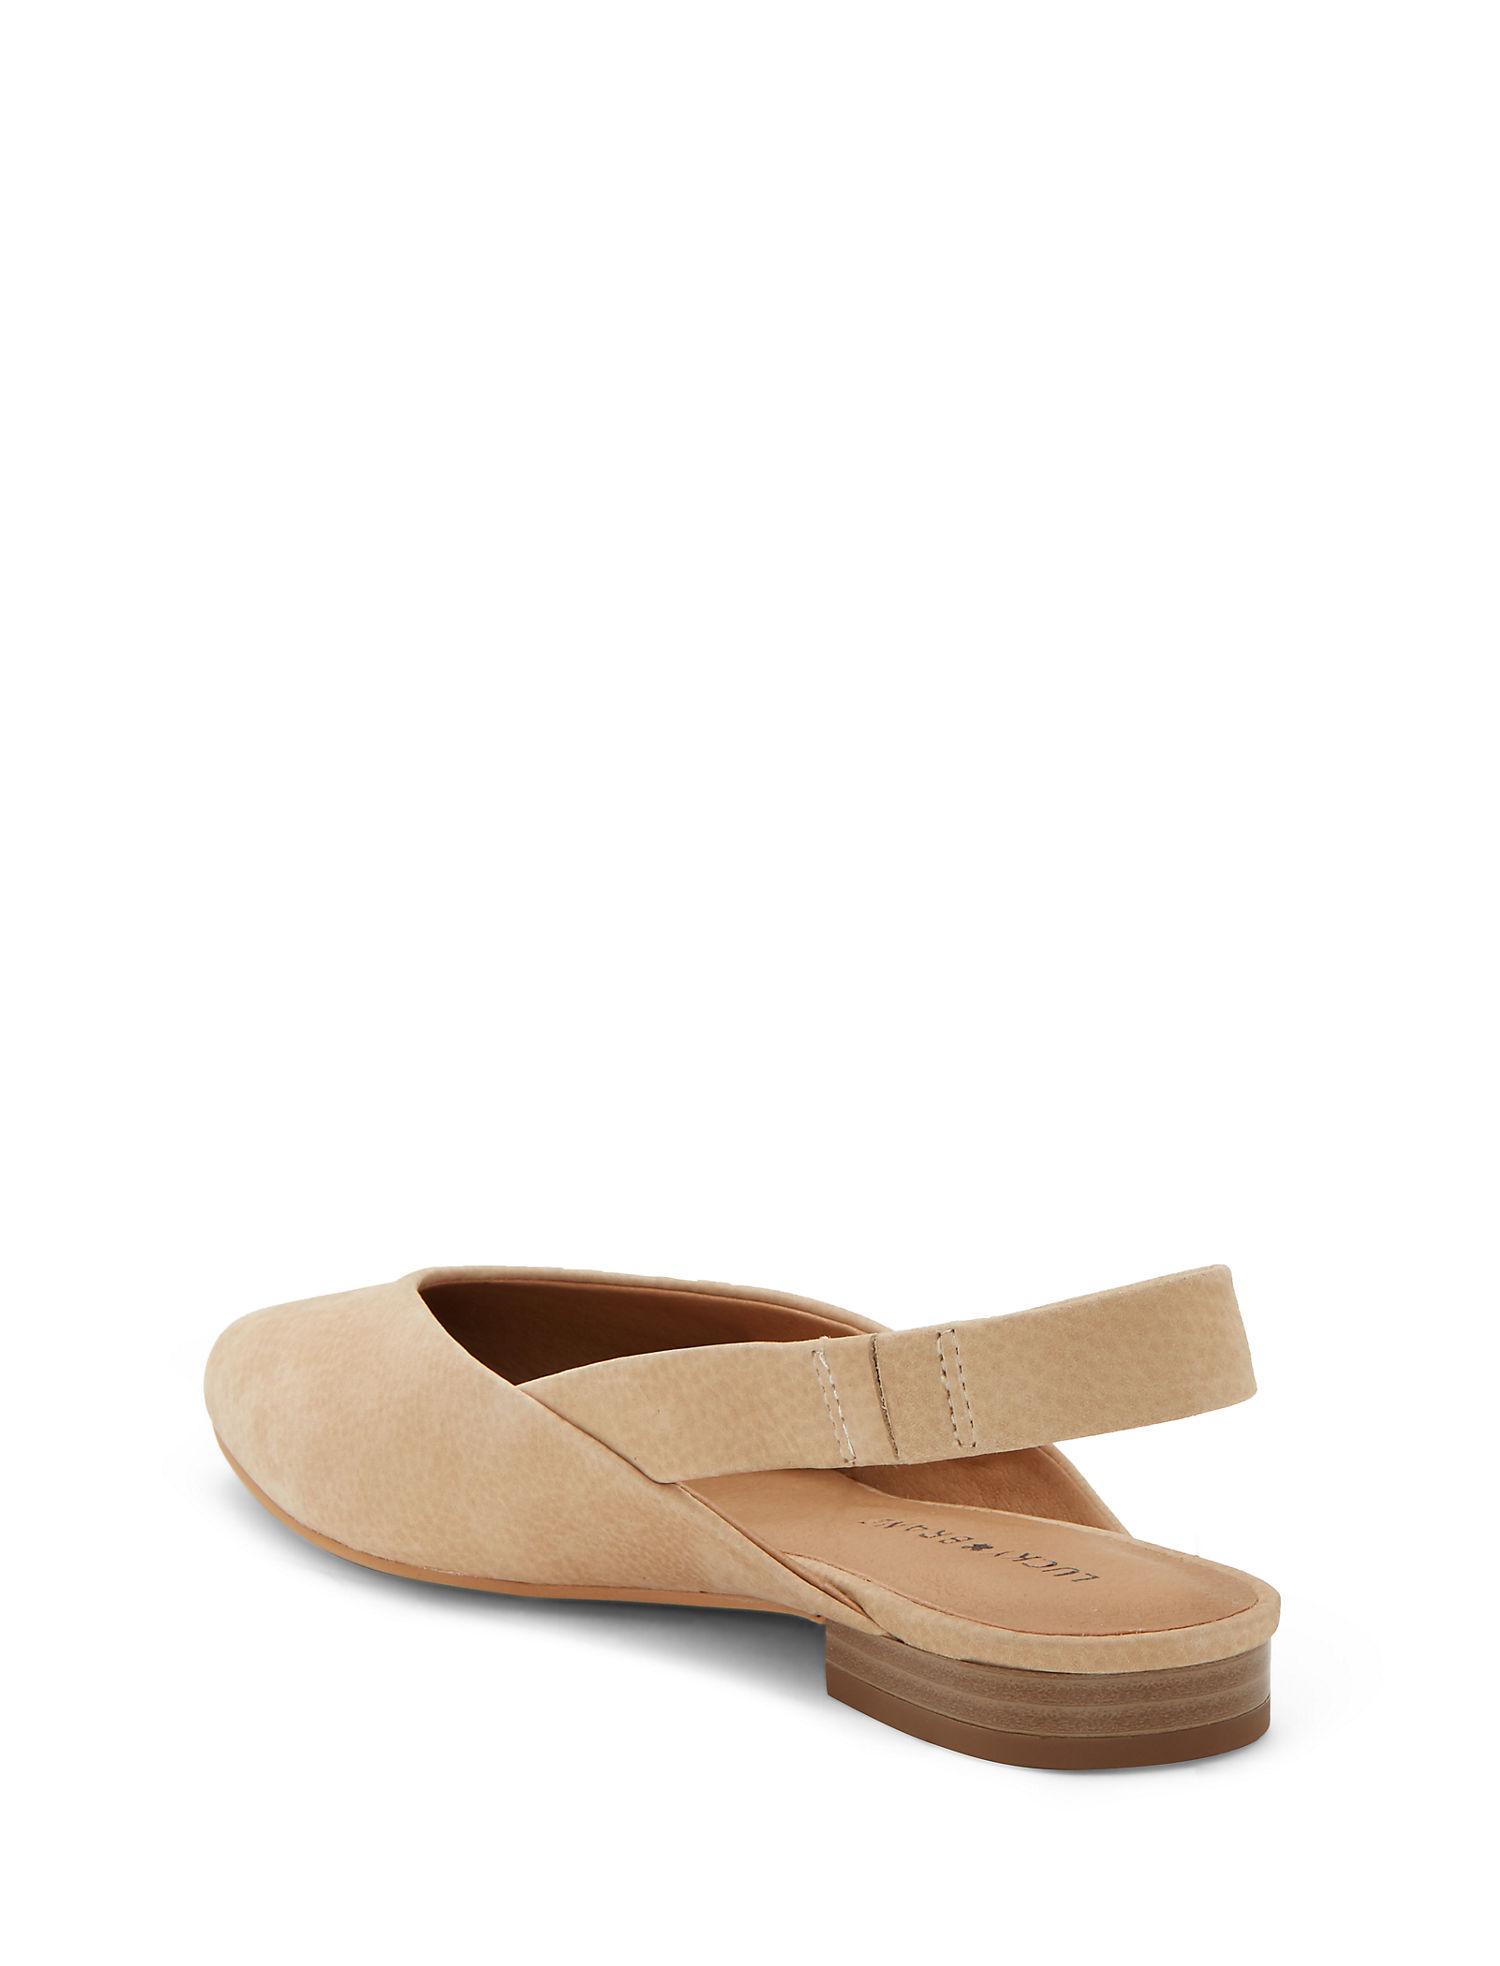 Azul 902801 401 marino Vela nuevas zapatillas vida de estilo